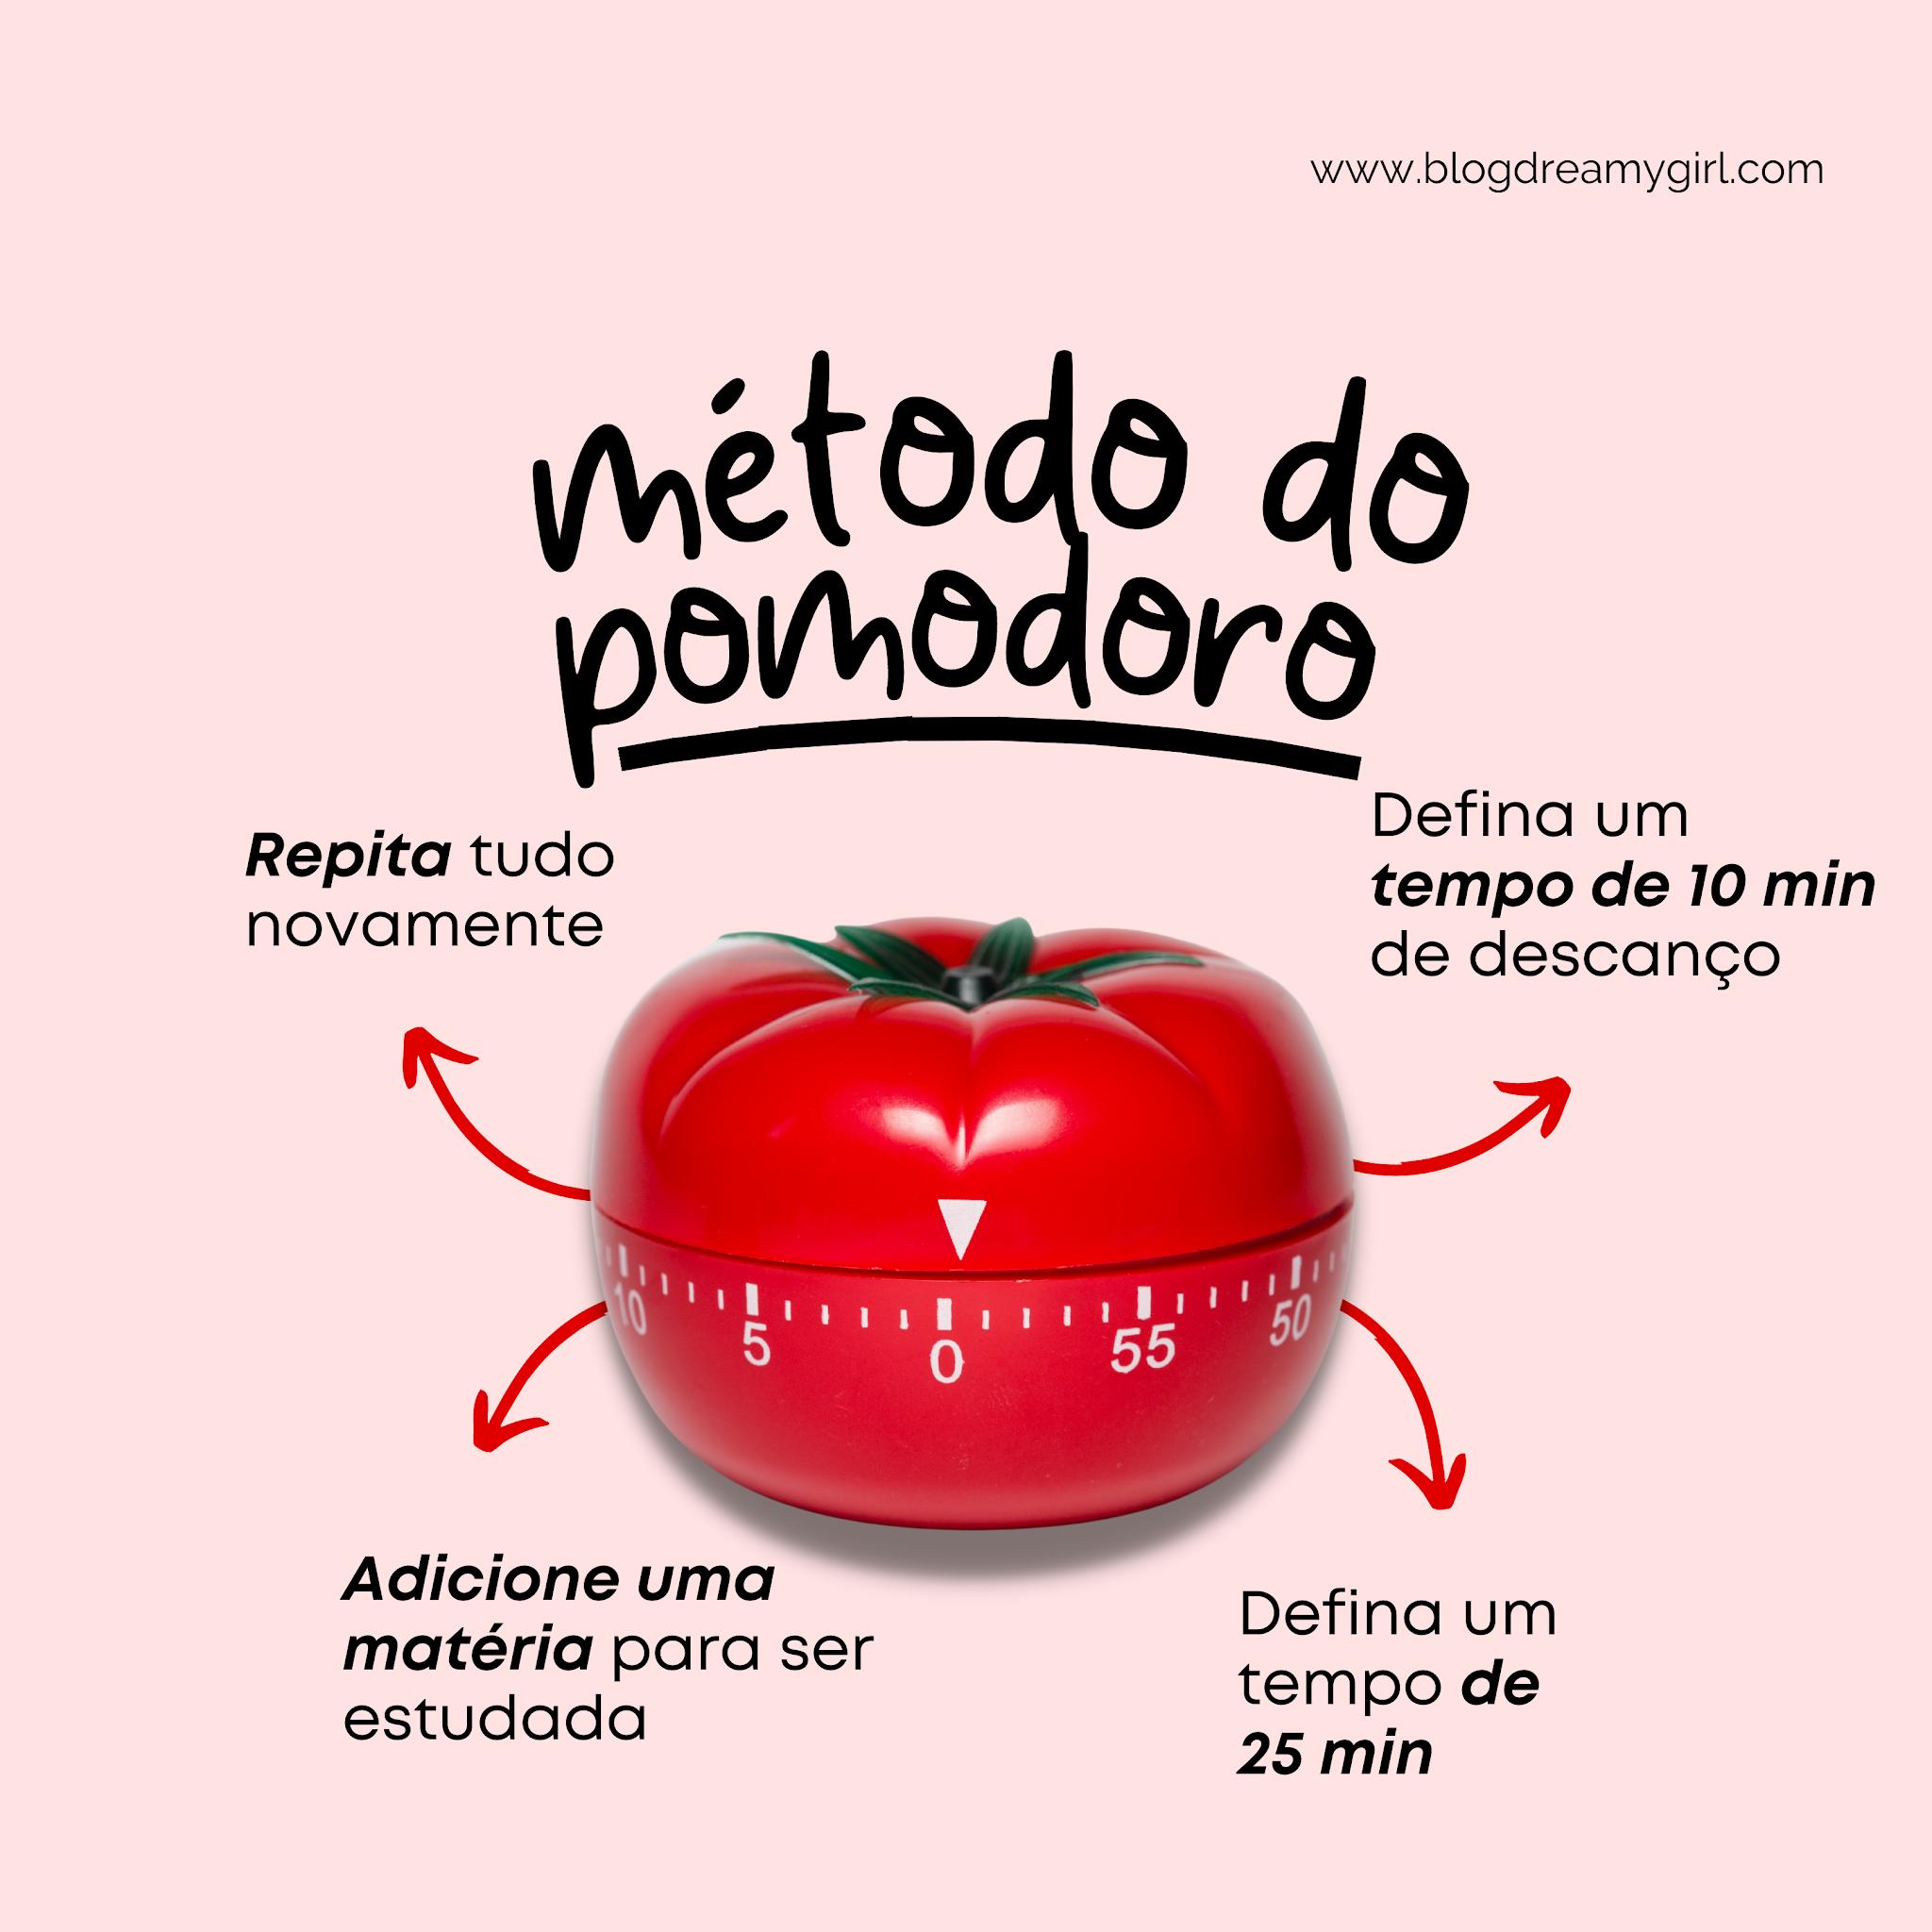 Como usar o método pomodoro para ajudar nos estudos e no acúmulo de tarefas